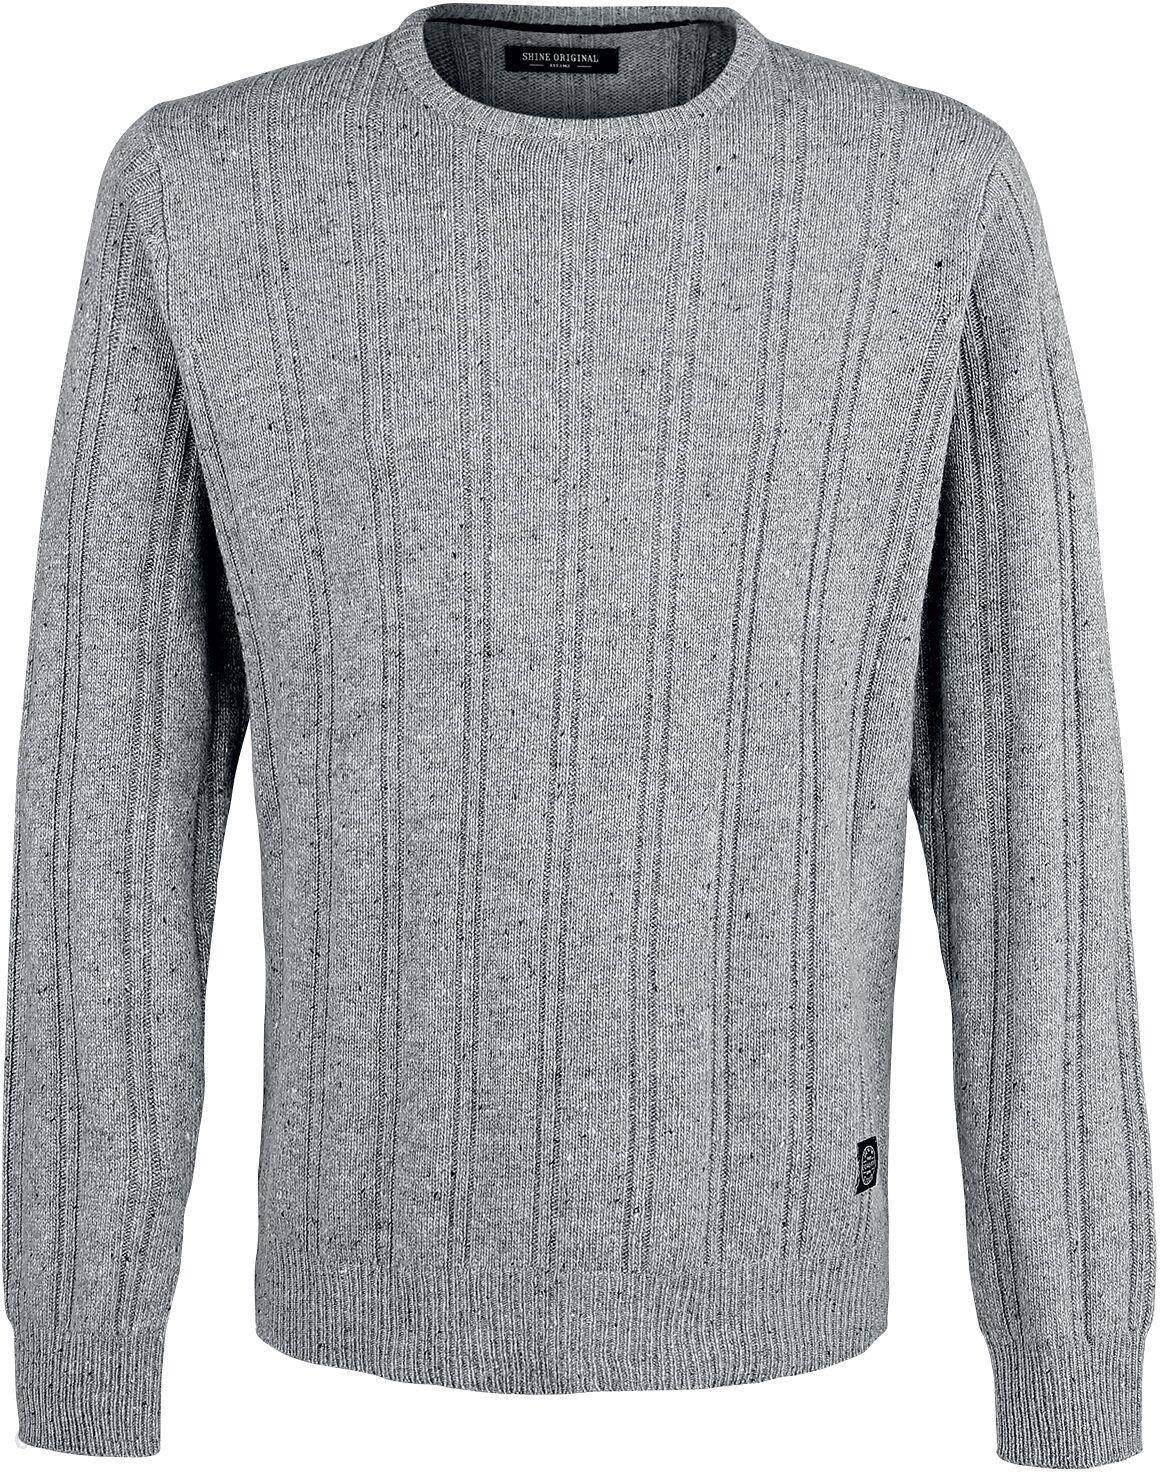 Bluza męska adidas ORIGINALS BS2131 | odcienie szarego